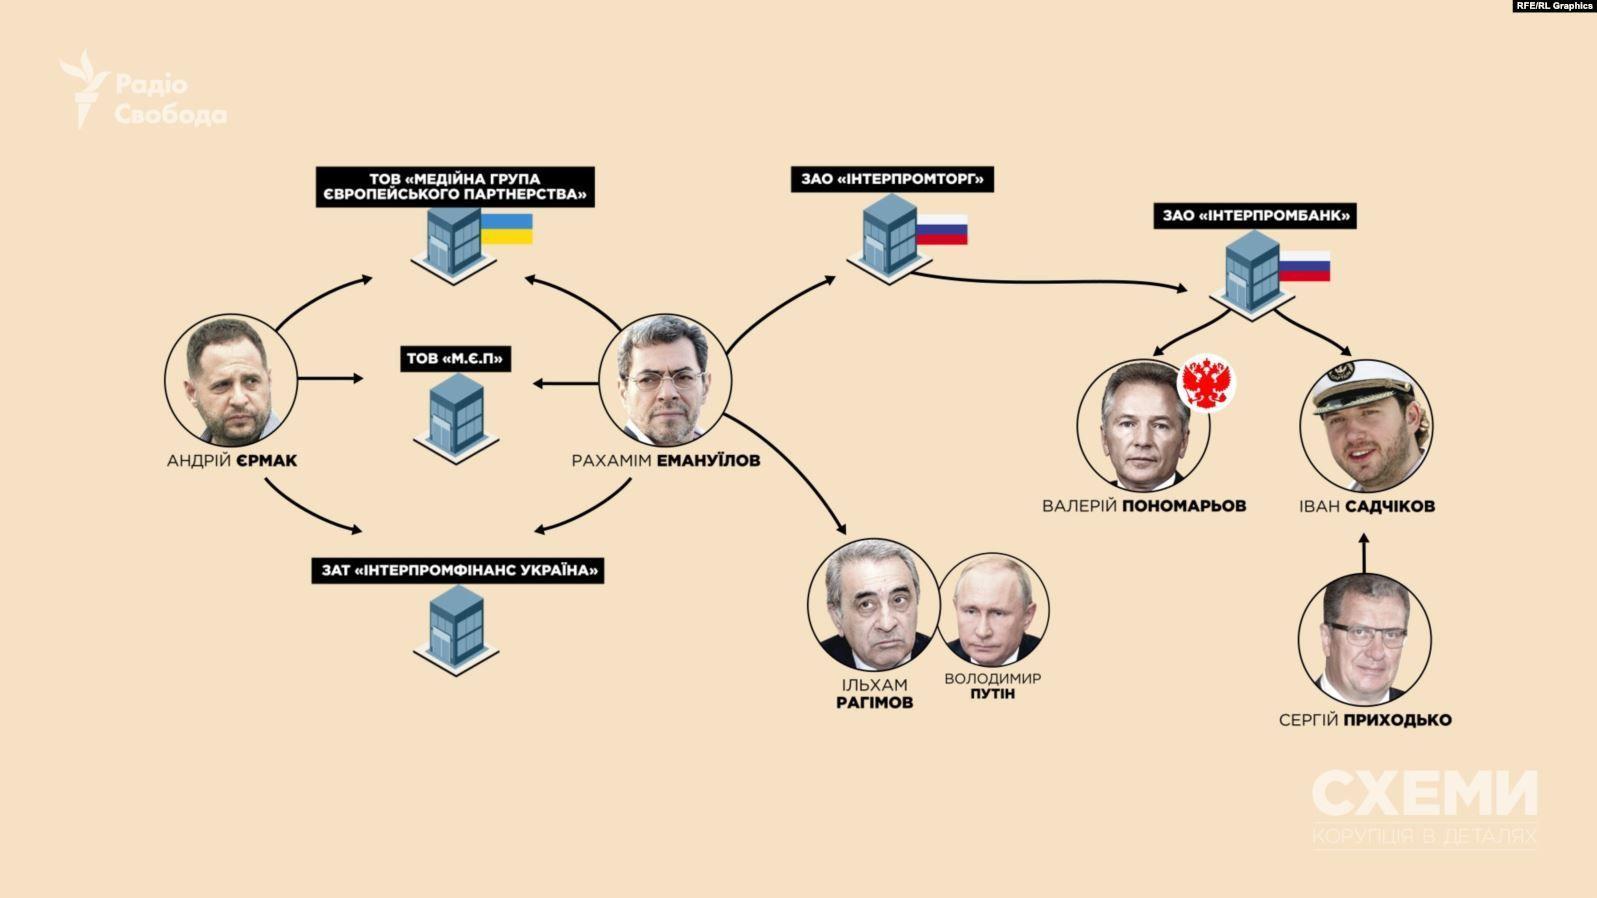 Бізнес-зв'язки Єрмака з Росією